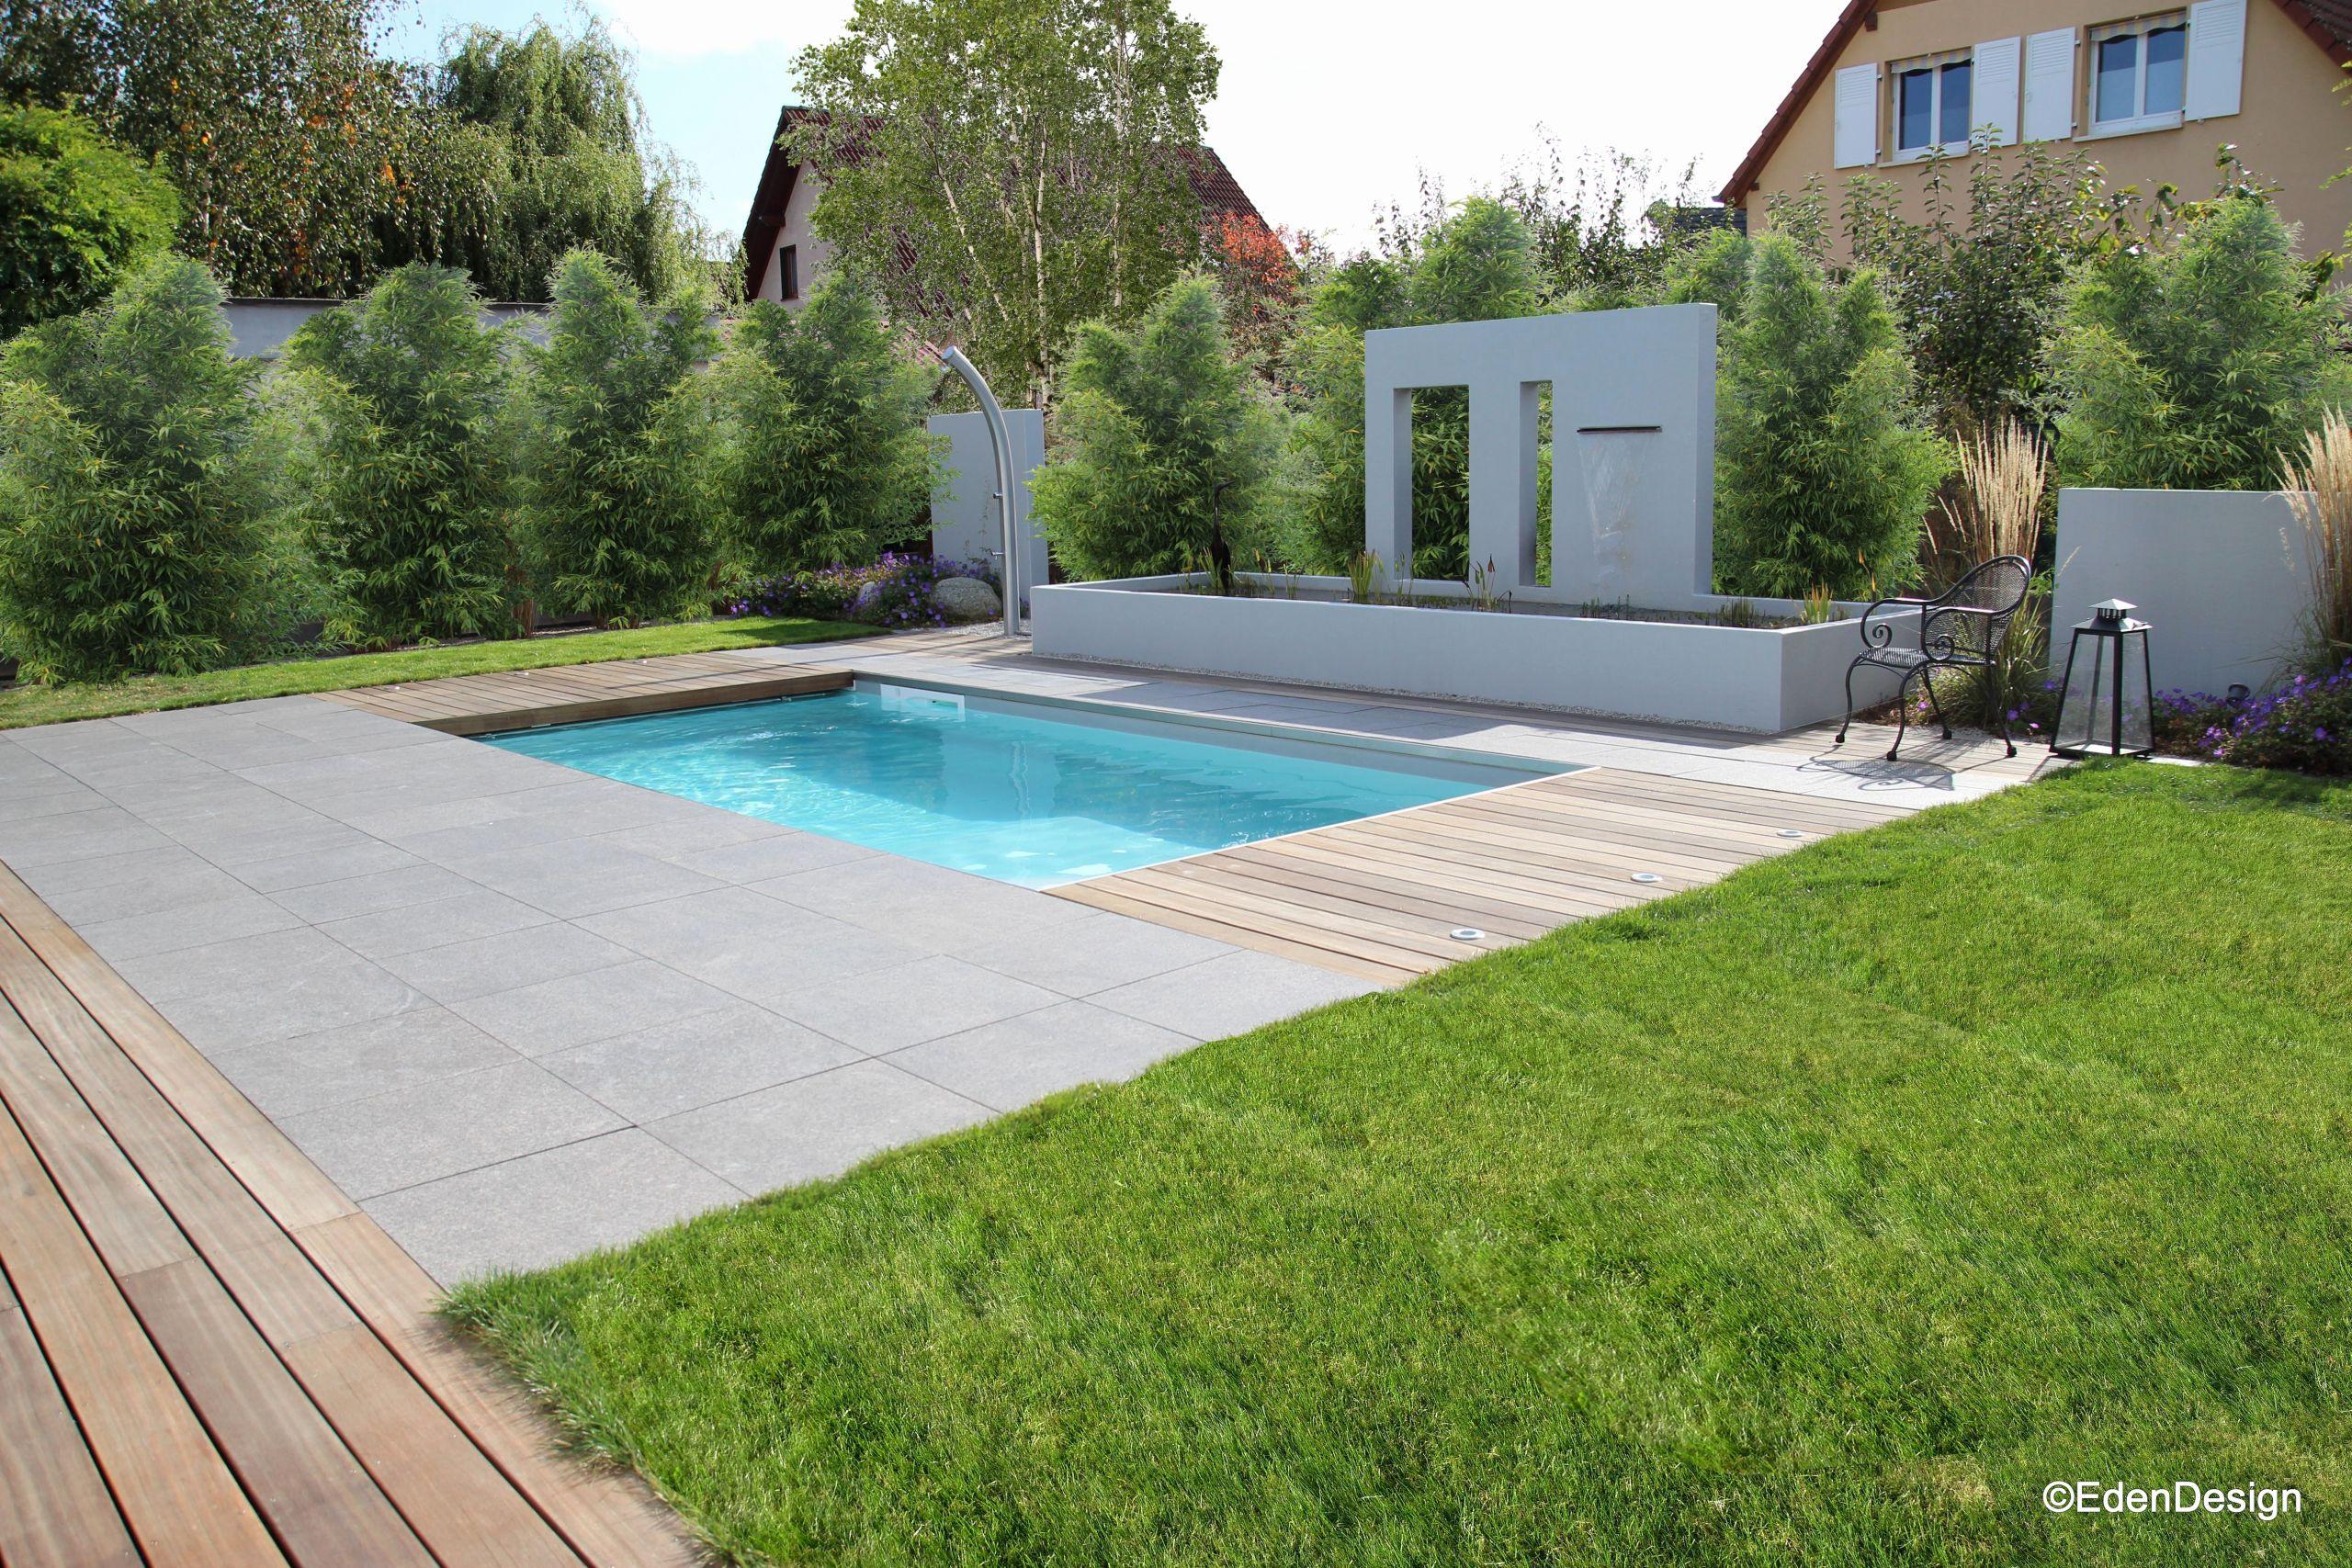 poser des dalles de jardin luxe dalle jardin castorama dalles pierre naturelle pour terrasse fresh of poser des dalles de jardin